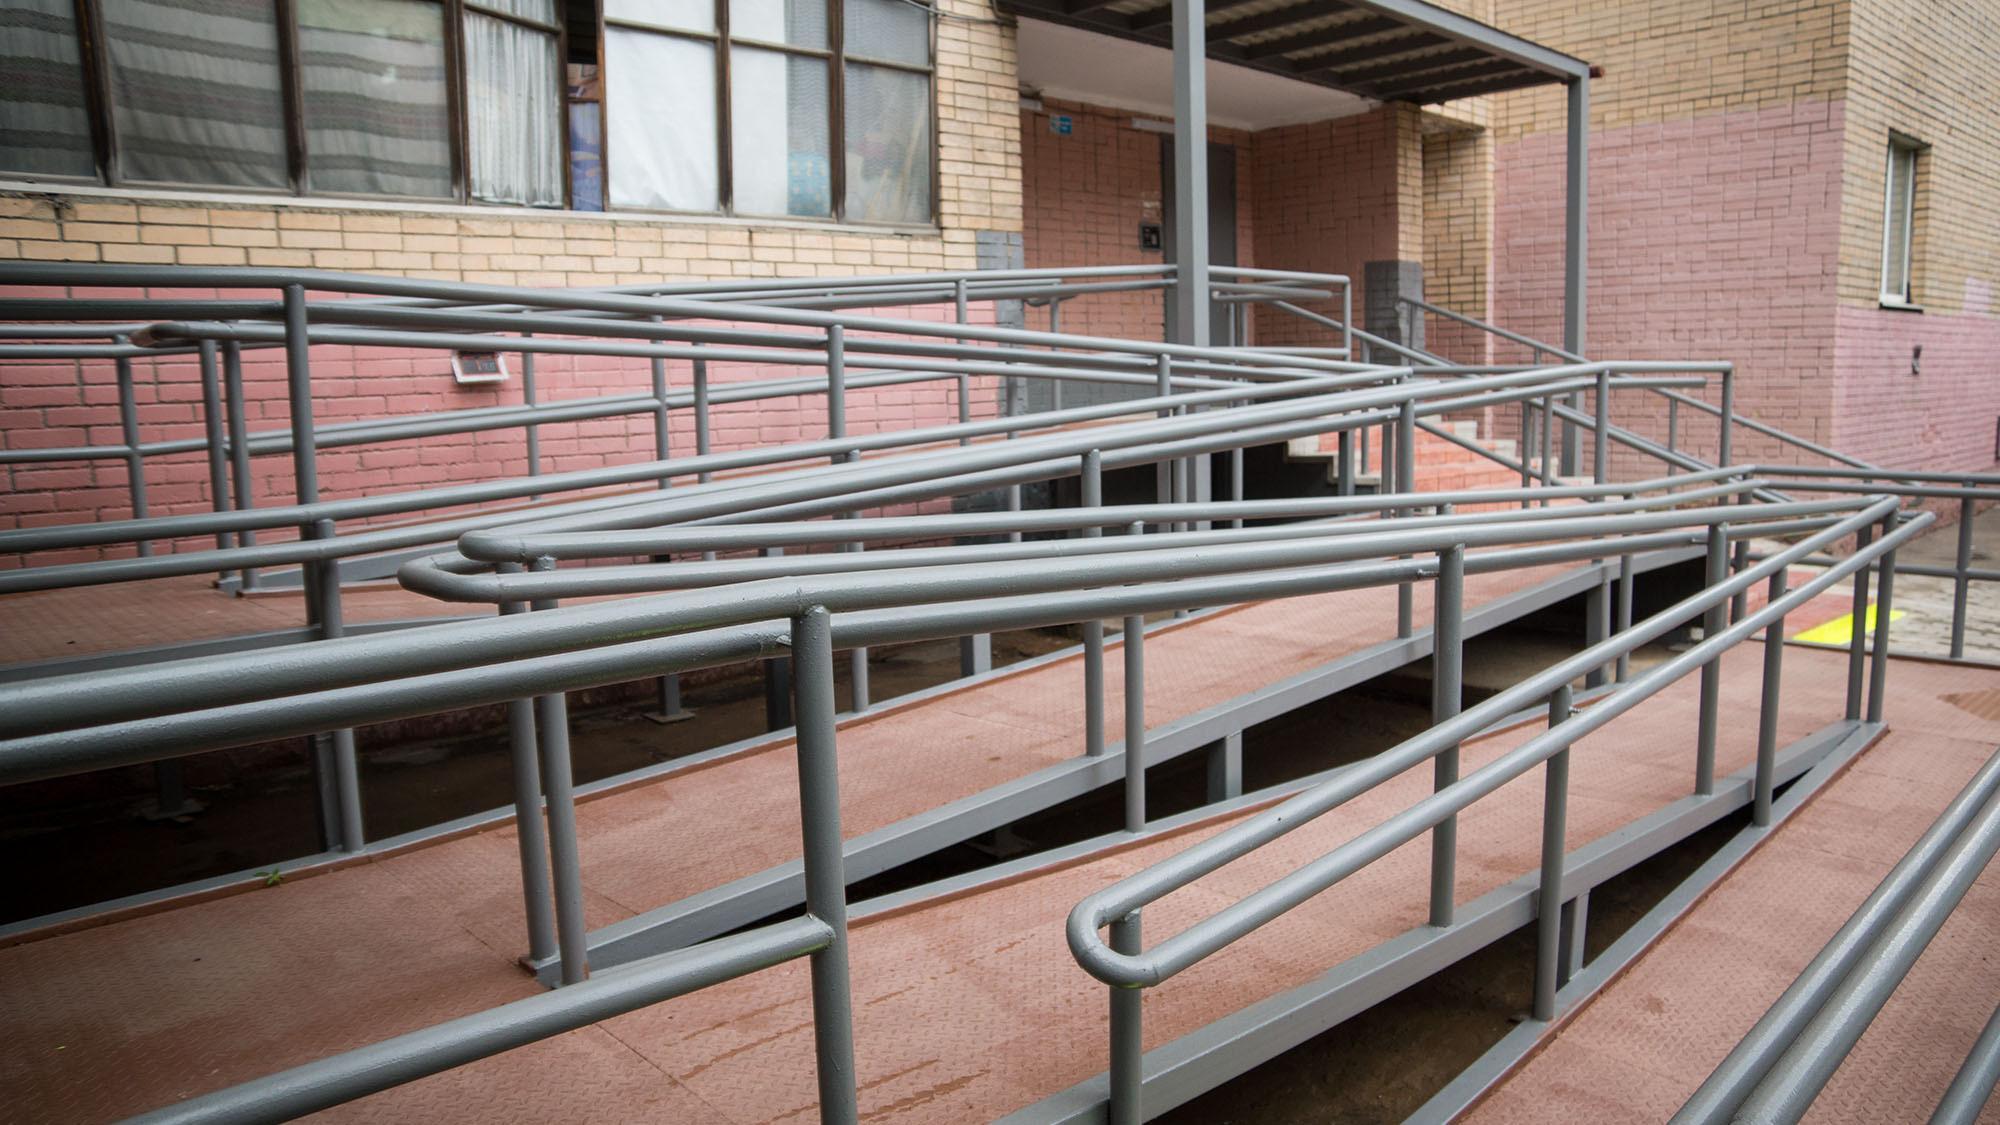 Архитекторов и строителей будут в обязательном порядке обучать обеспечению доступности зданий для инвалидов